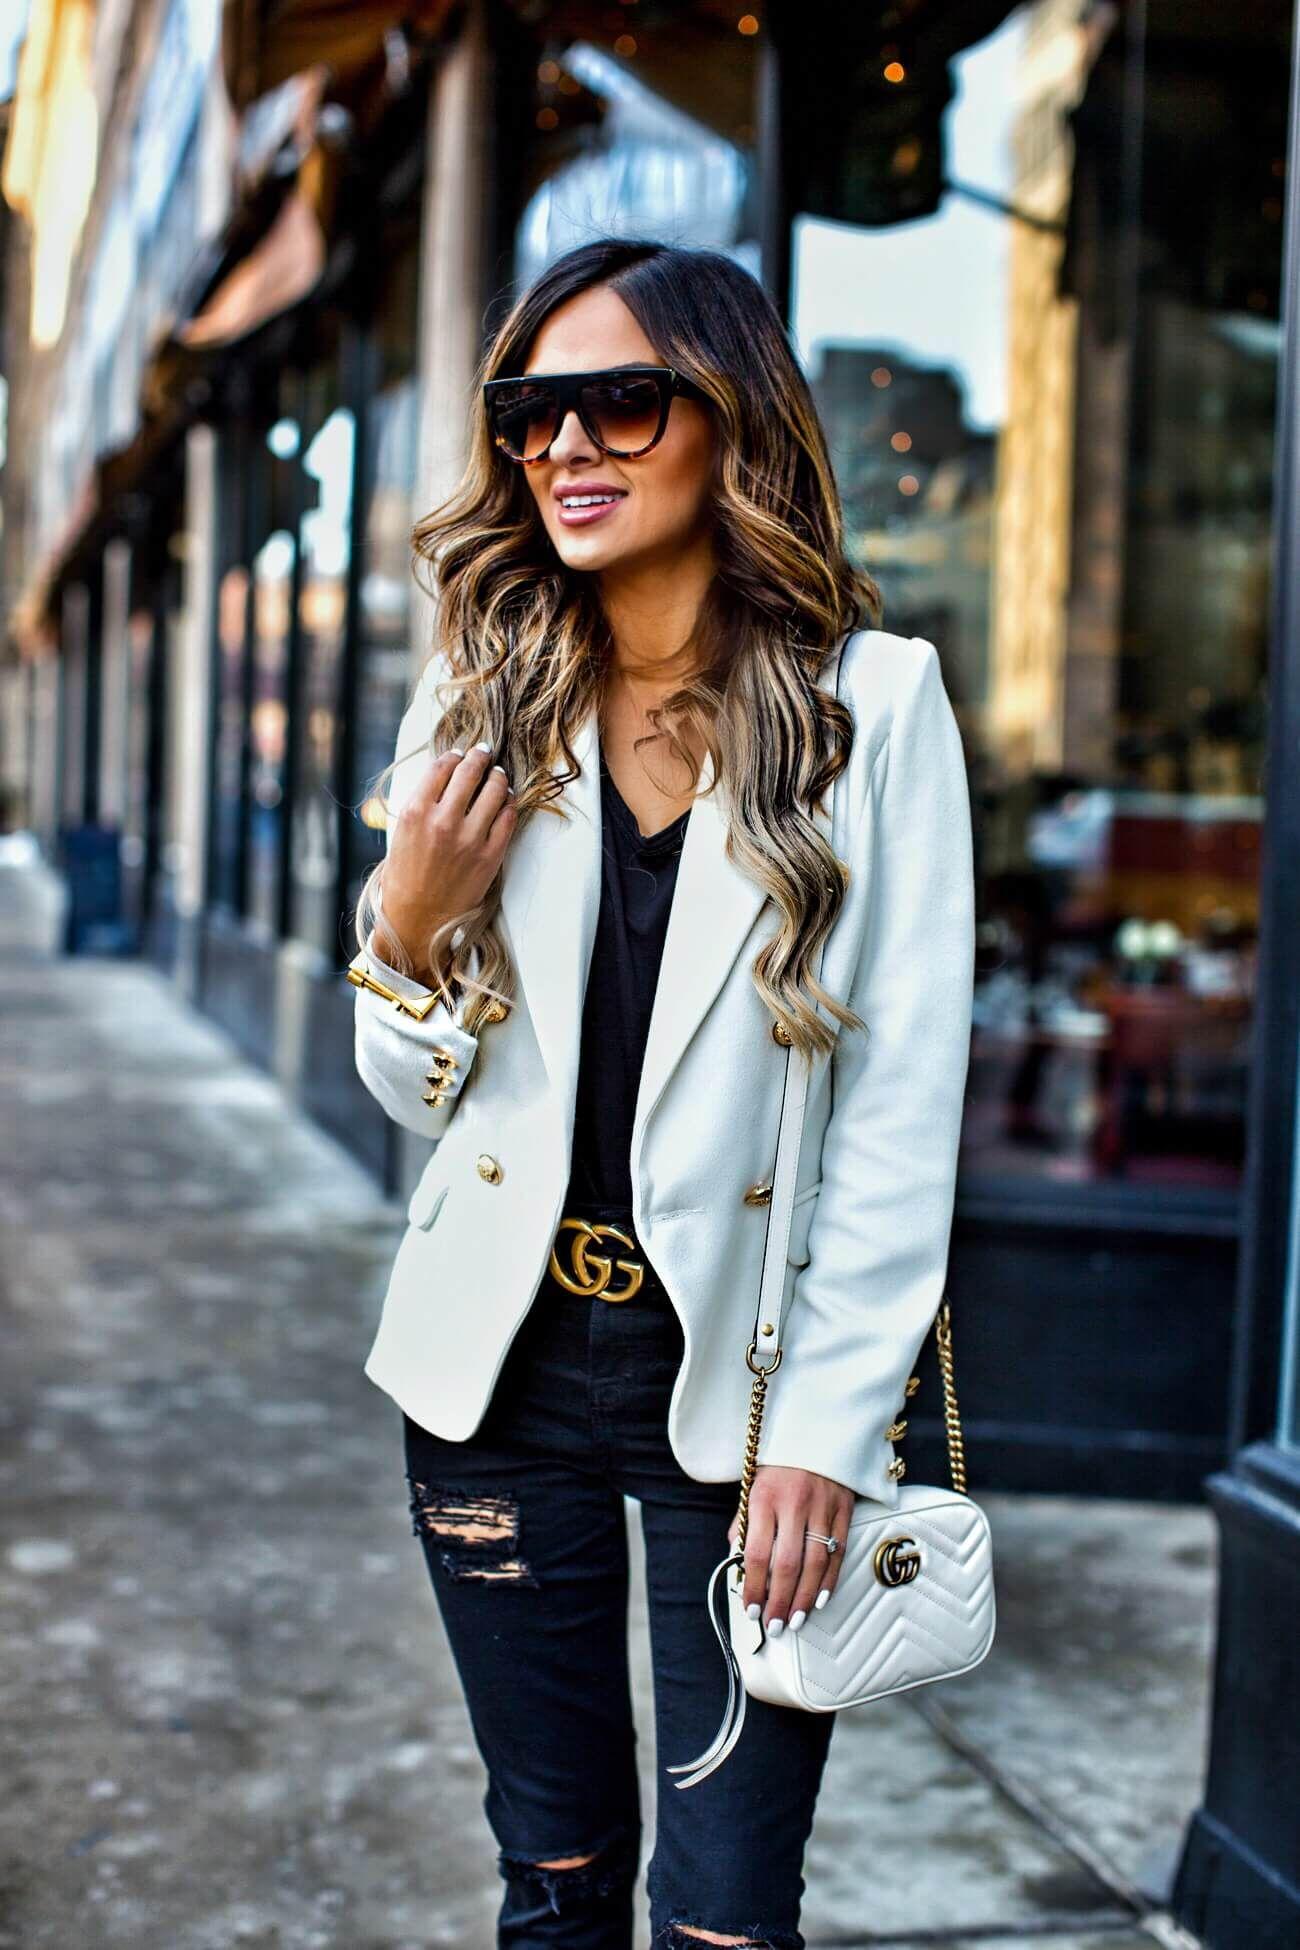 91ce05819ac0 fashion blogger mia mia mine wearing a gucci marmont bag and celine  sunglasses